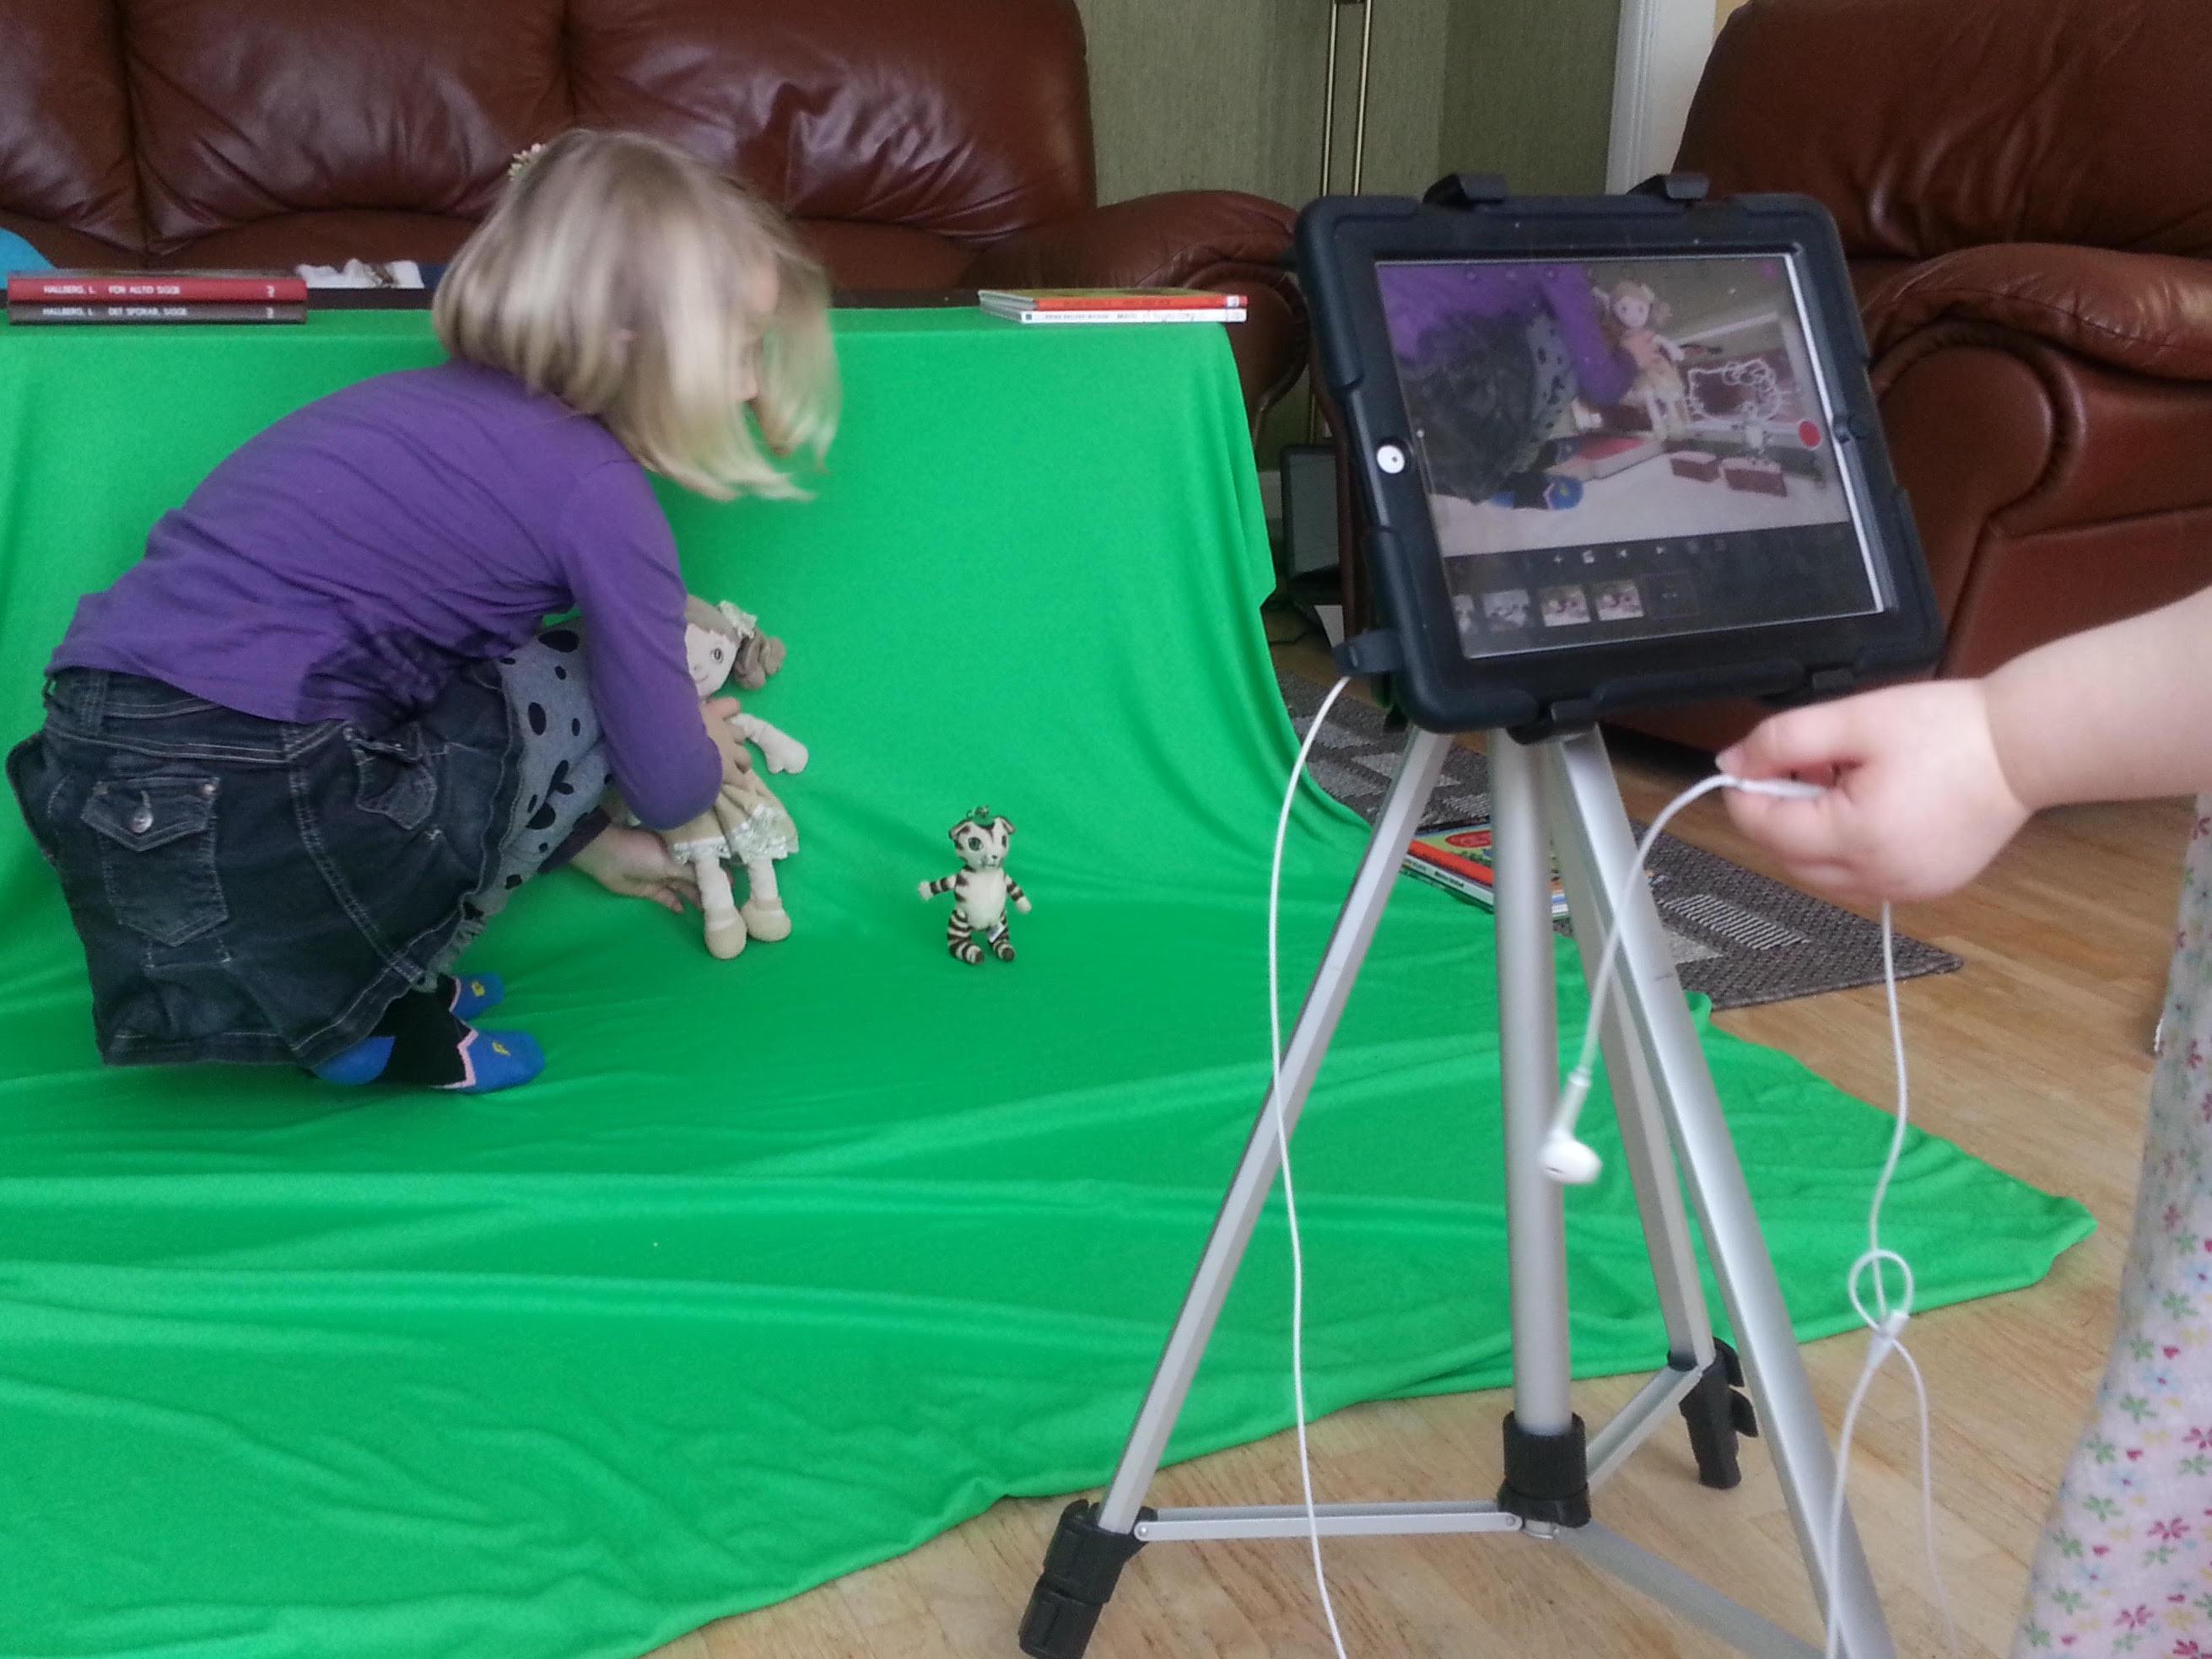 Stop Motion Studio - Skapa film av stillbilder, lägg in text